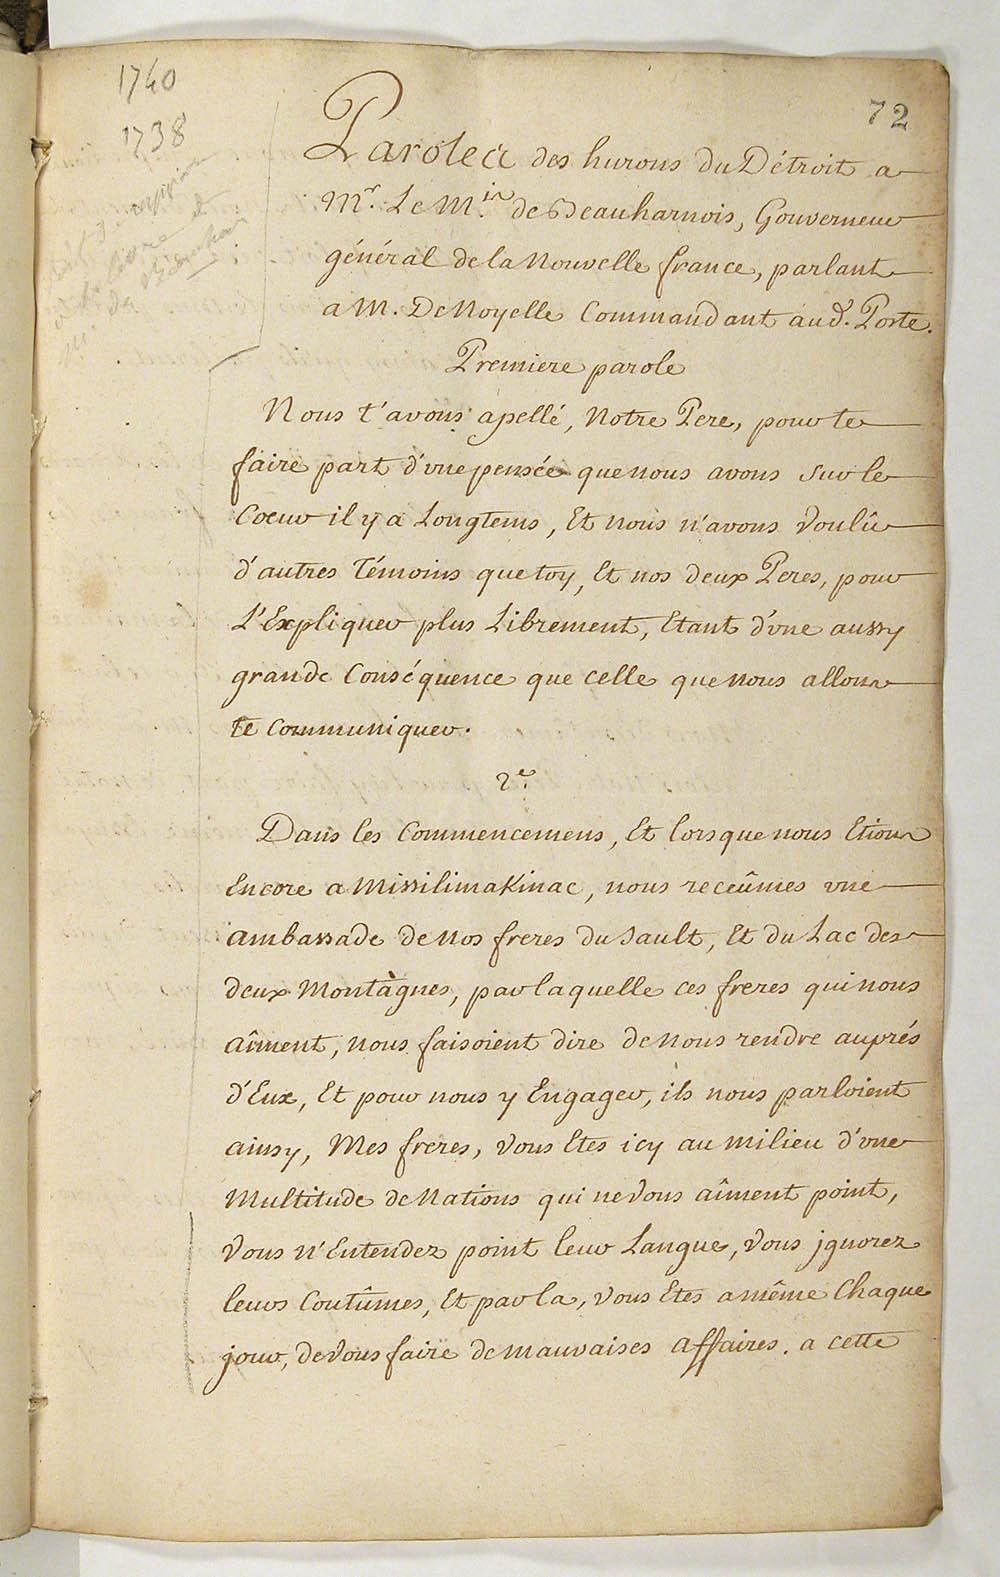 Paroles des hurons du Détroit à Mr le Marquis de Beauharnois, Gouverneur général de la Nouvelle France, parlant à M. de Noyelle commandant au dit Poste, vers 1740. FR CAOM COL C11A 74 fol. 72-76